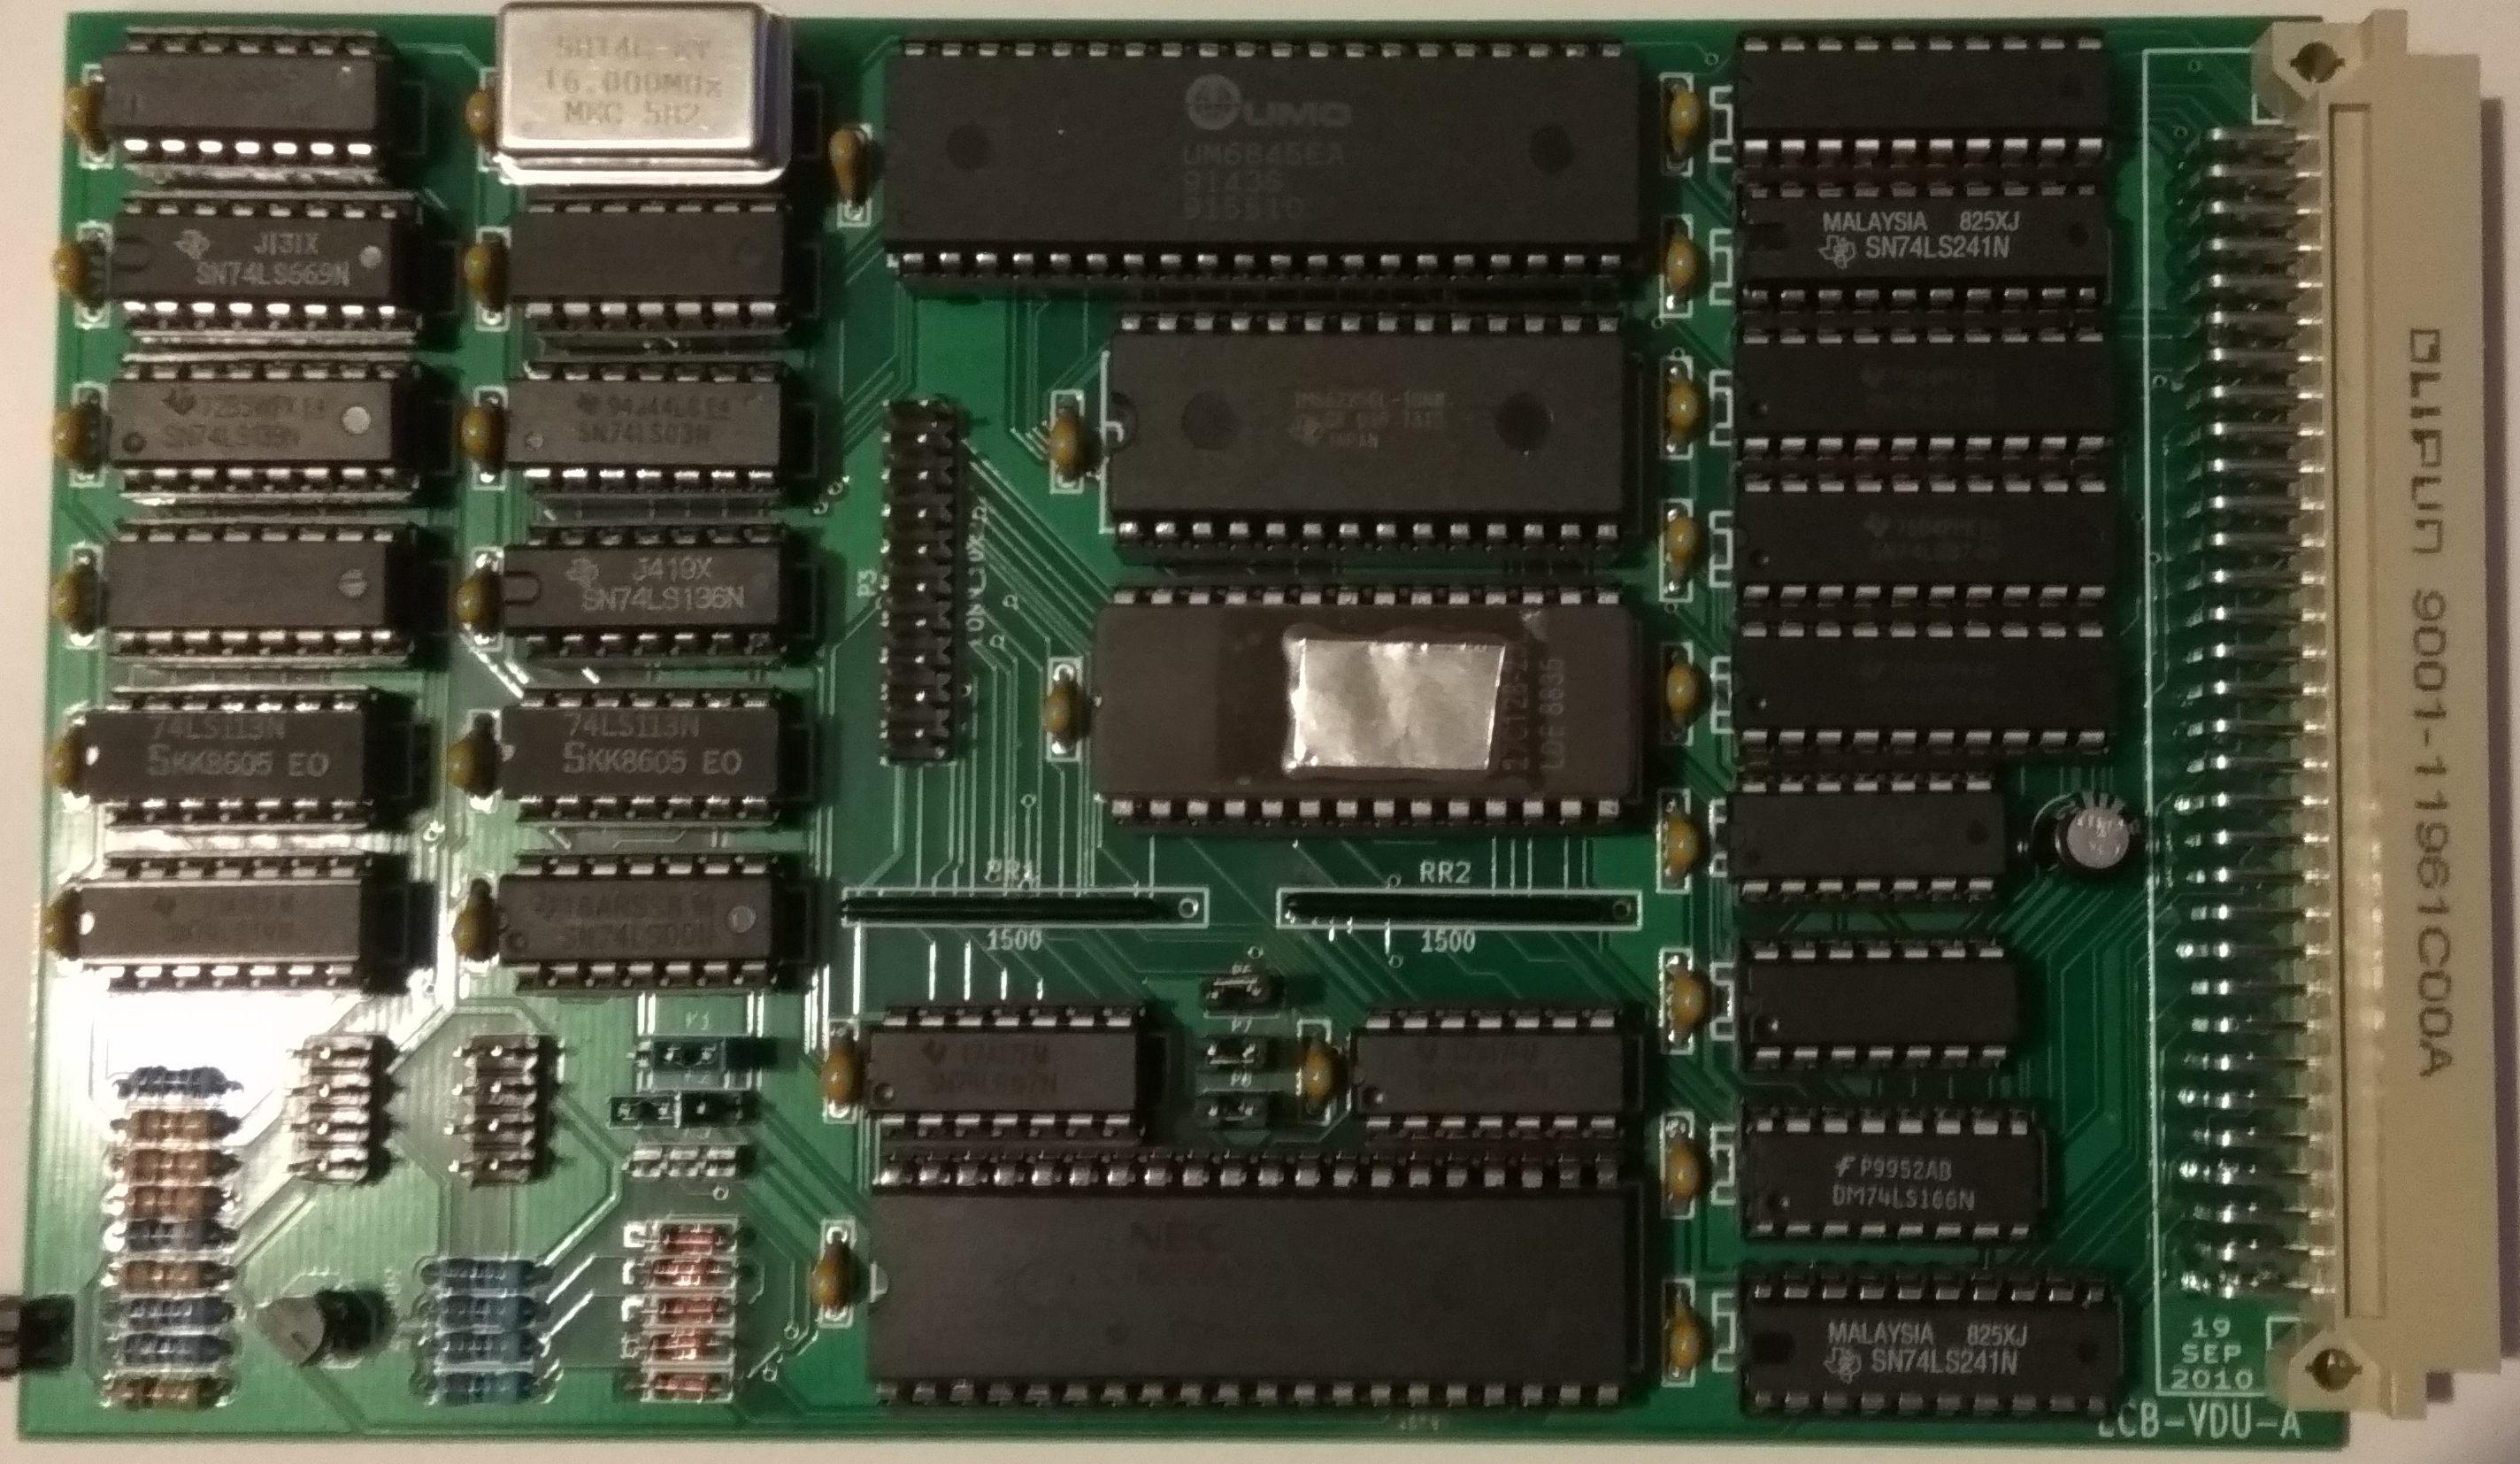 www.retrobrewcomputers.org_lib_plugins_ckgedit_fckeditor_userfiles_image_boards_ecb_vdu_ecb_vdu_1a-19sep2010.jpg